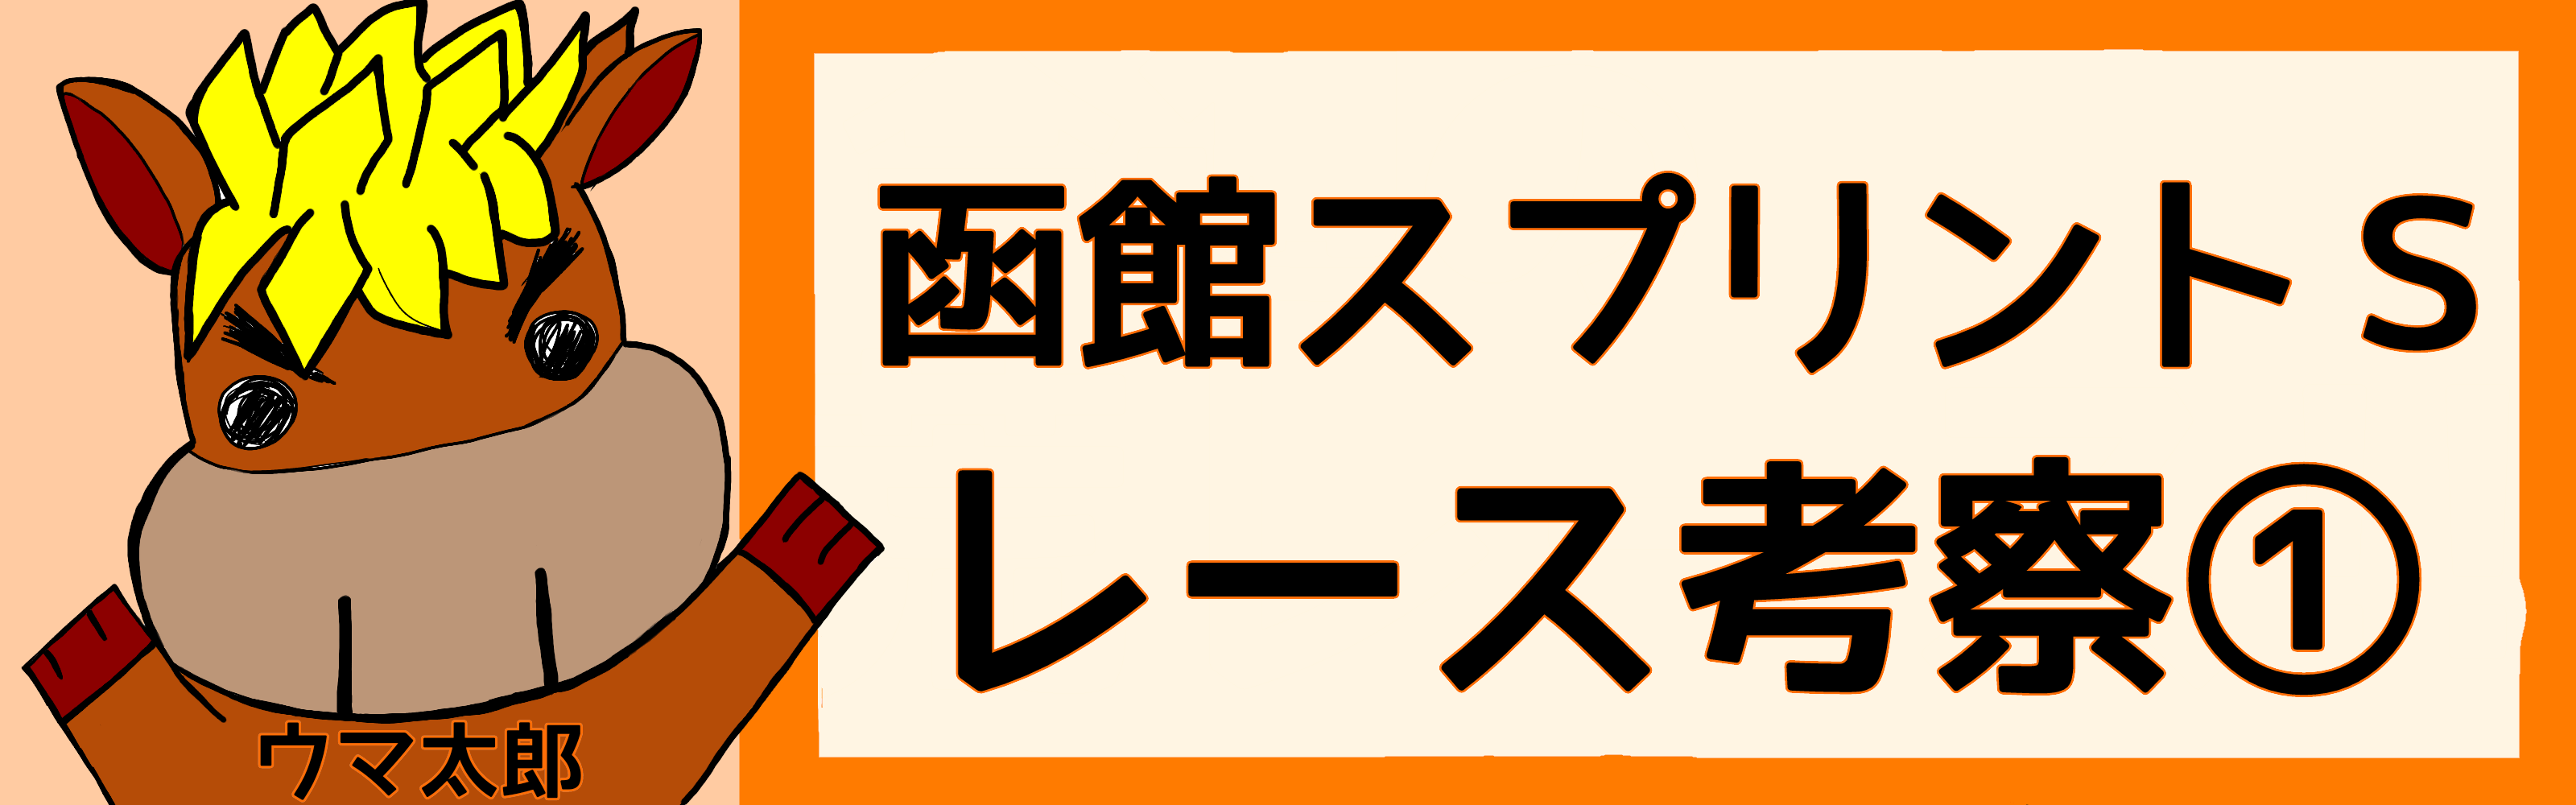 函館スプリントS考察①